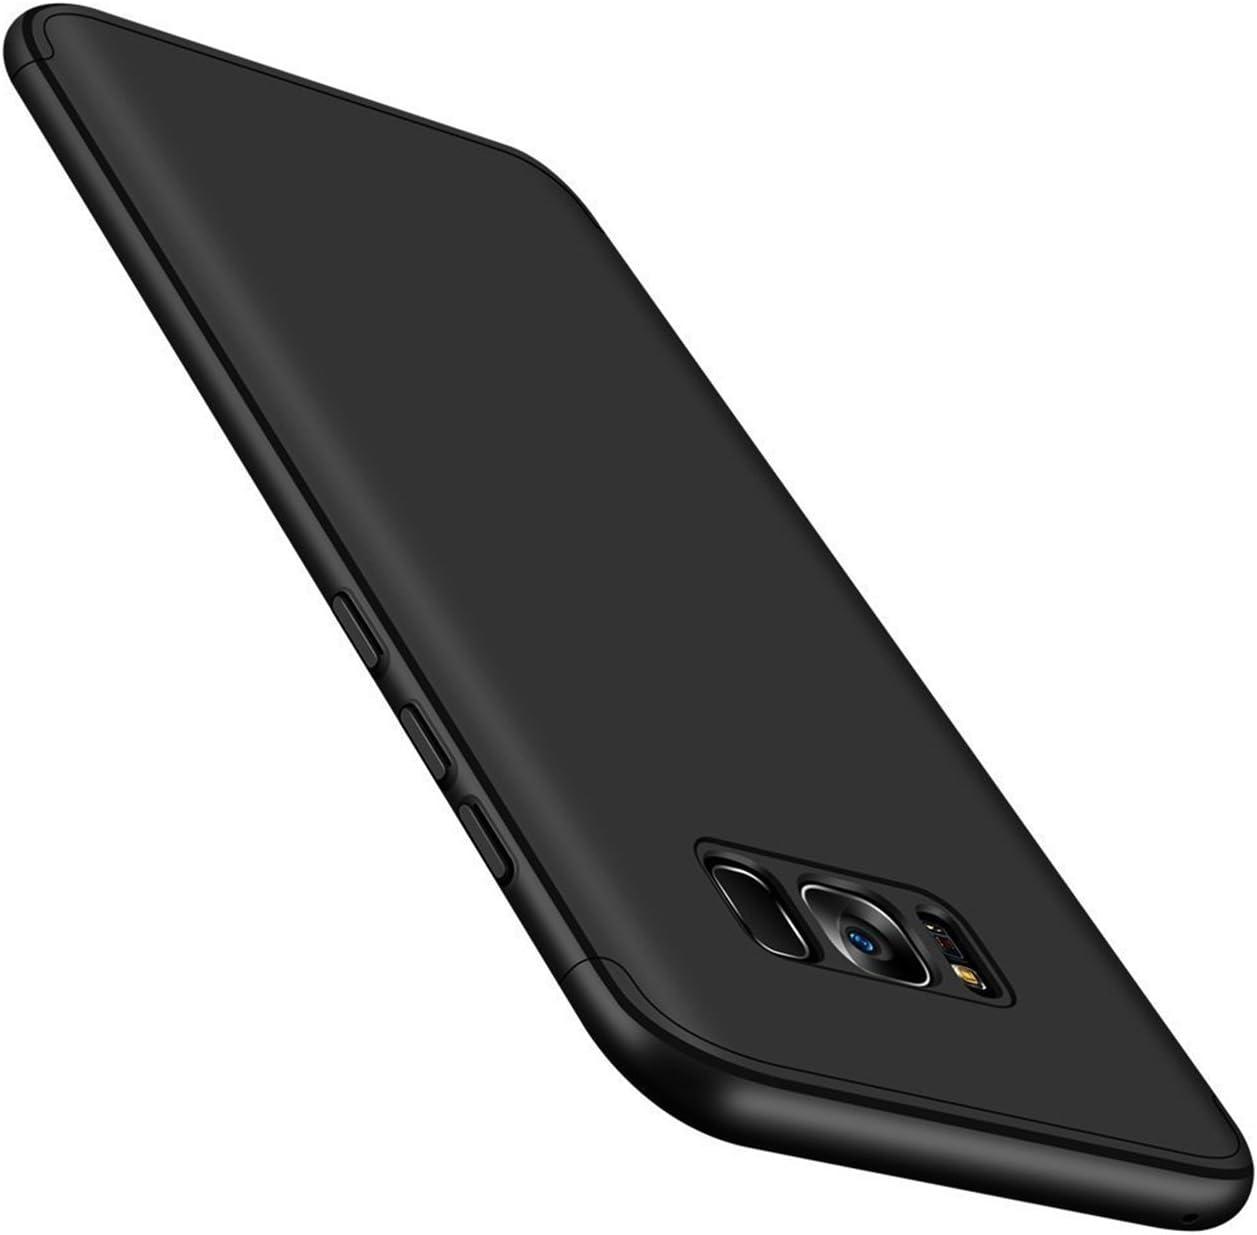 Qissy® Carcasa Samsung Galaxy S8 Plus,3 in 1 Todo Incluido Anti-Scratch Ultra Slim Protective 360 PC Case Cover para Samsung Galaxy S8/S8 + (Samsung Galaxy S8 Plus, Negro): Amazon.es: Electrónica